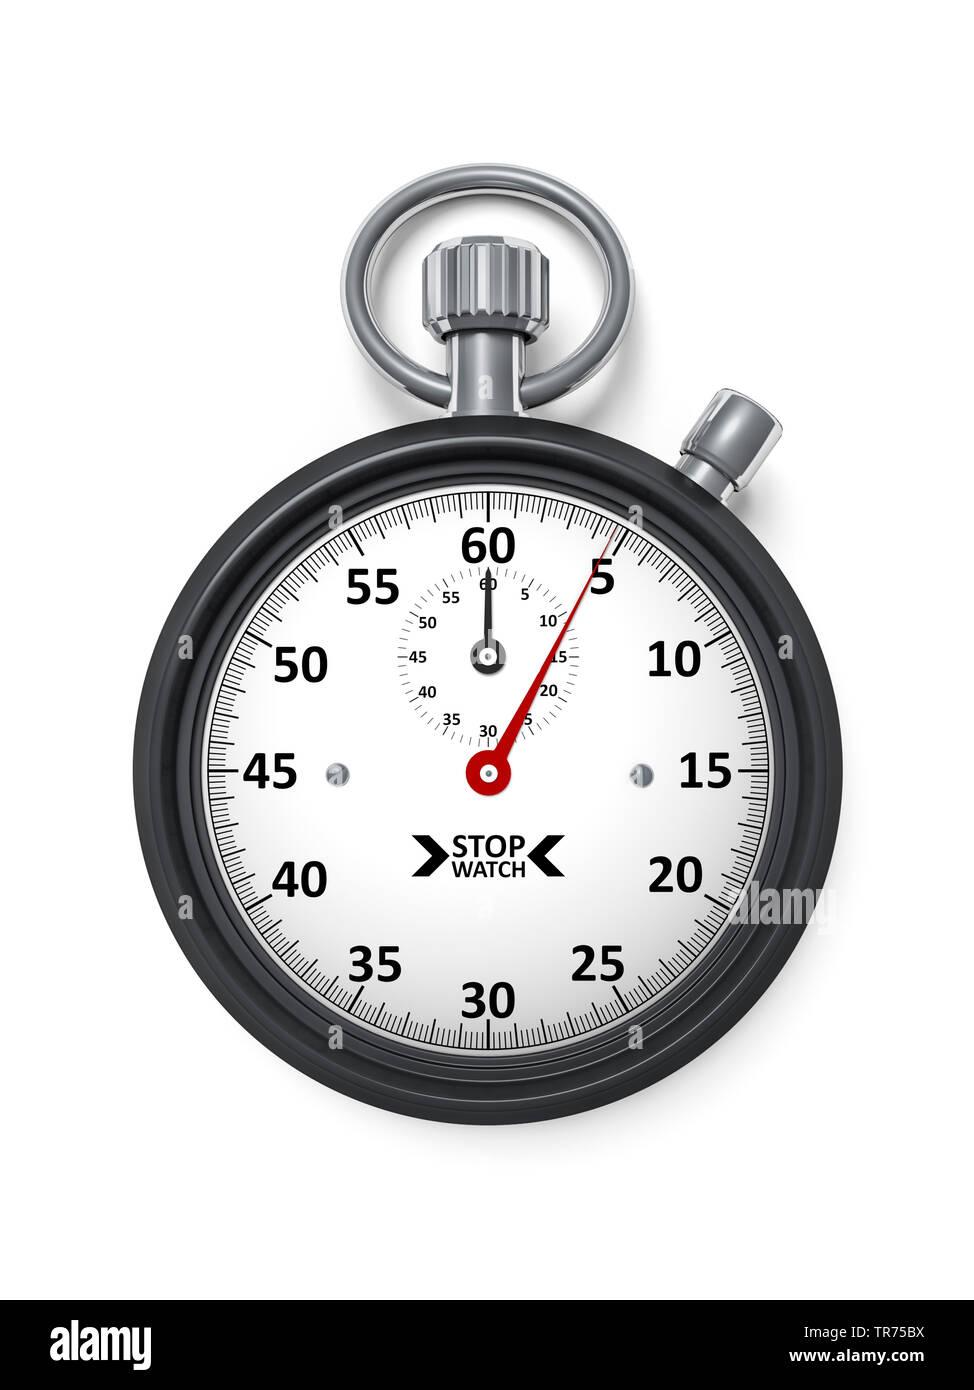 Stoppuhr vor weissem Hintergrund, die etwa 5 Sekunden anzeigt | stopclock, cutout, 5 seconds  | BLWS498282.jpg [ (c) blickwinkel/McPHOTO/M. Gann Tel. - Stock Image